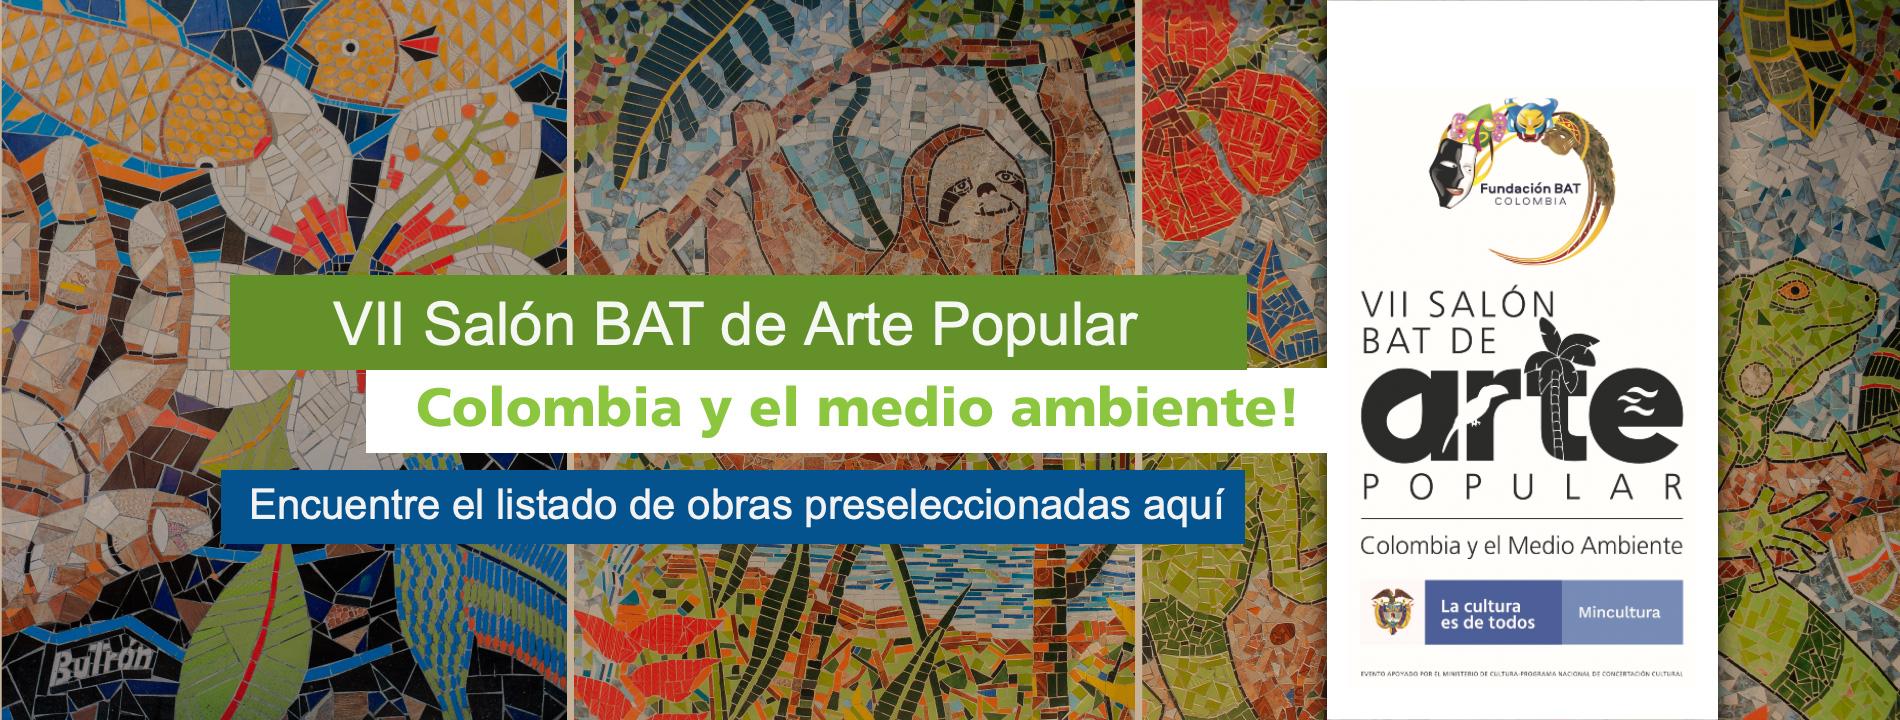 Obras preseleccionadas Vii Salón BAT Arte Popular